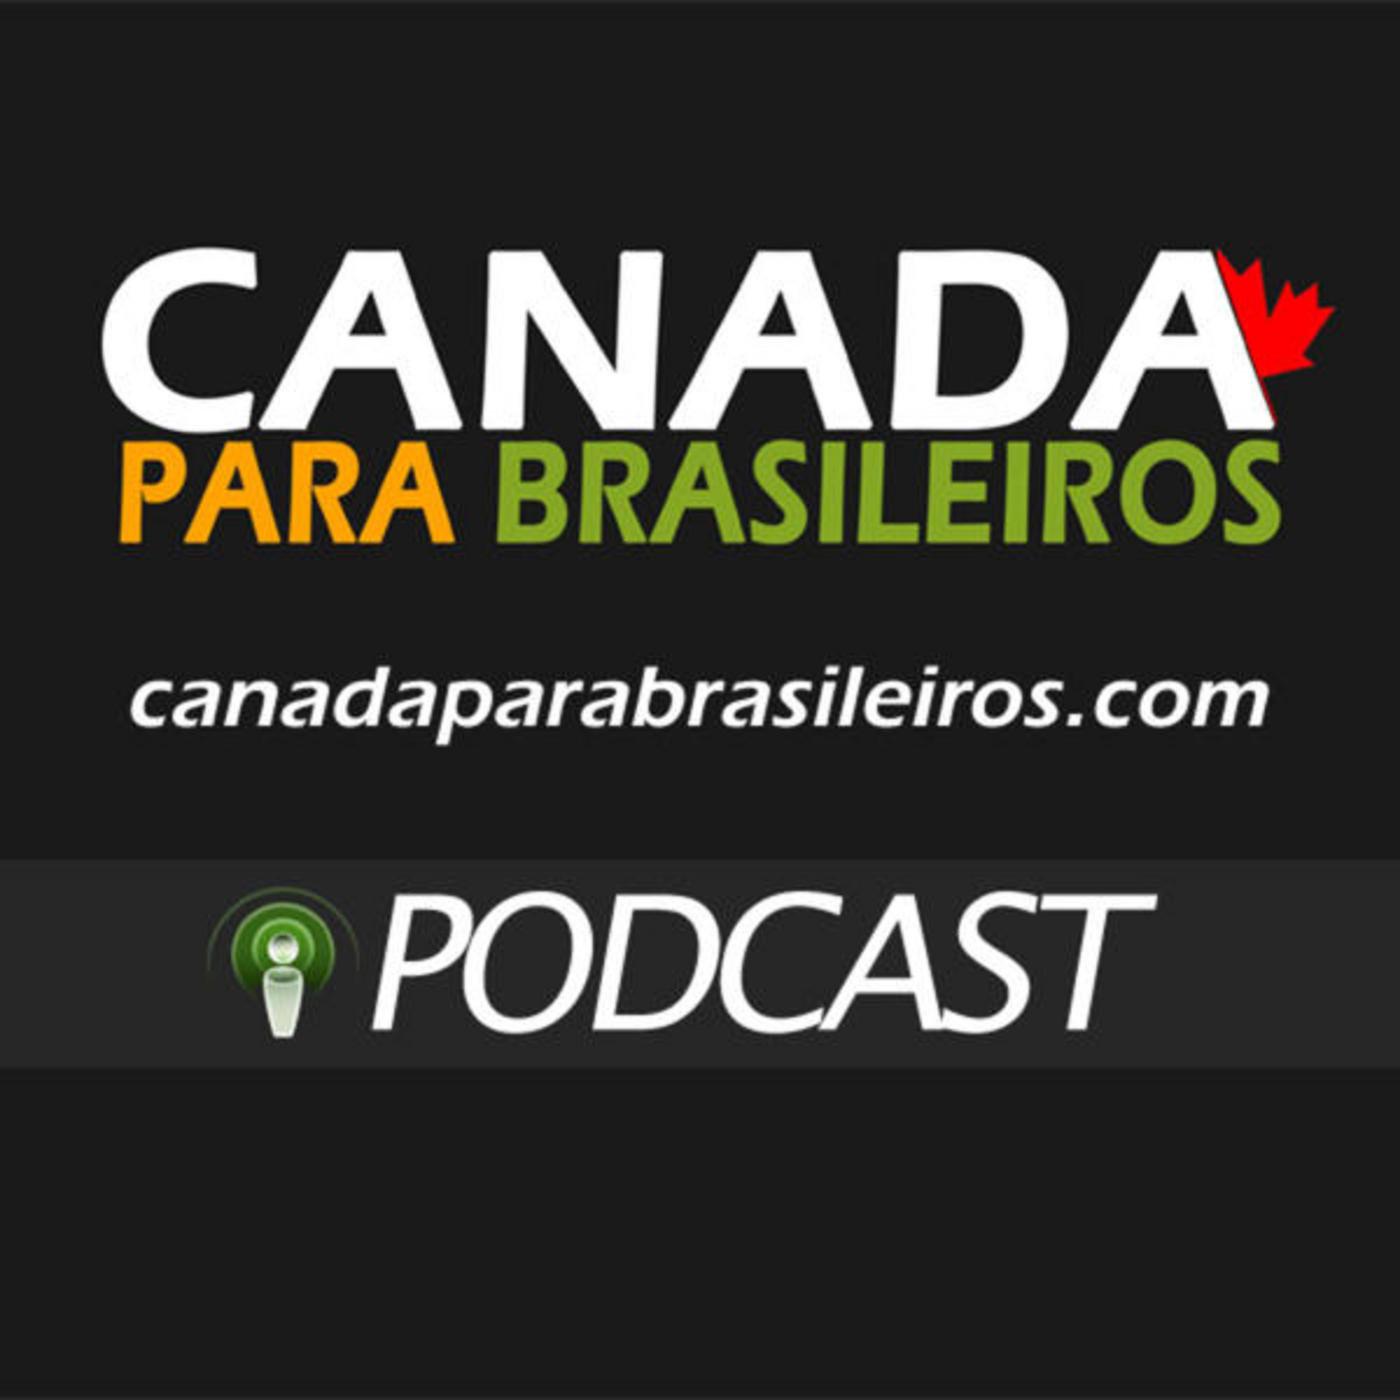 Podcast 189 - Os Melhores empregos para Brasileiros no Canadá